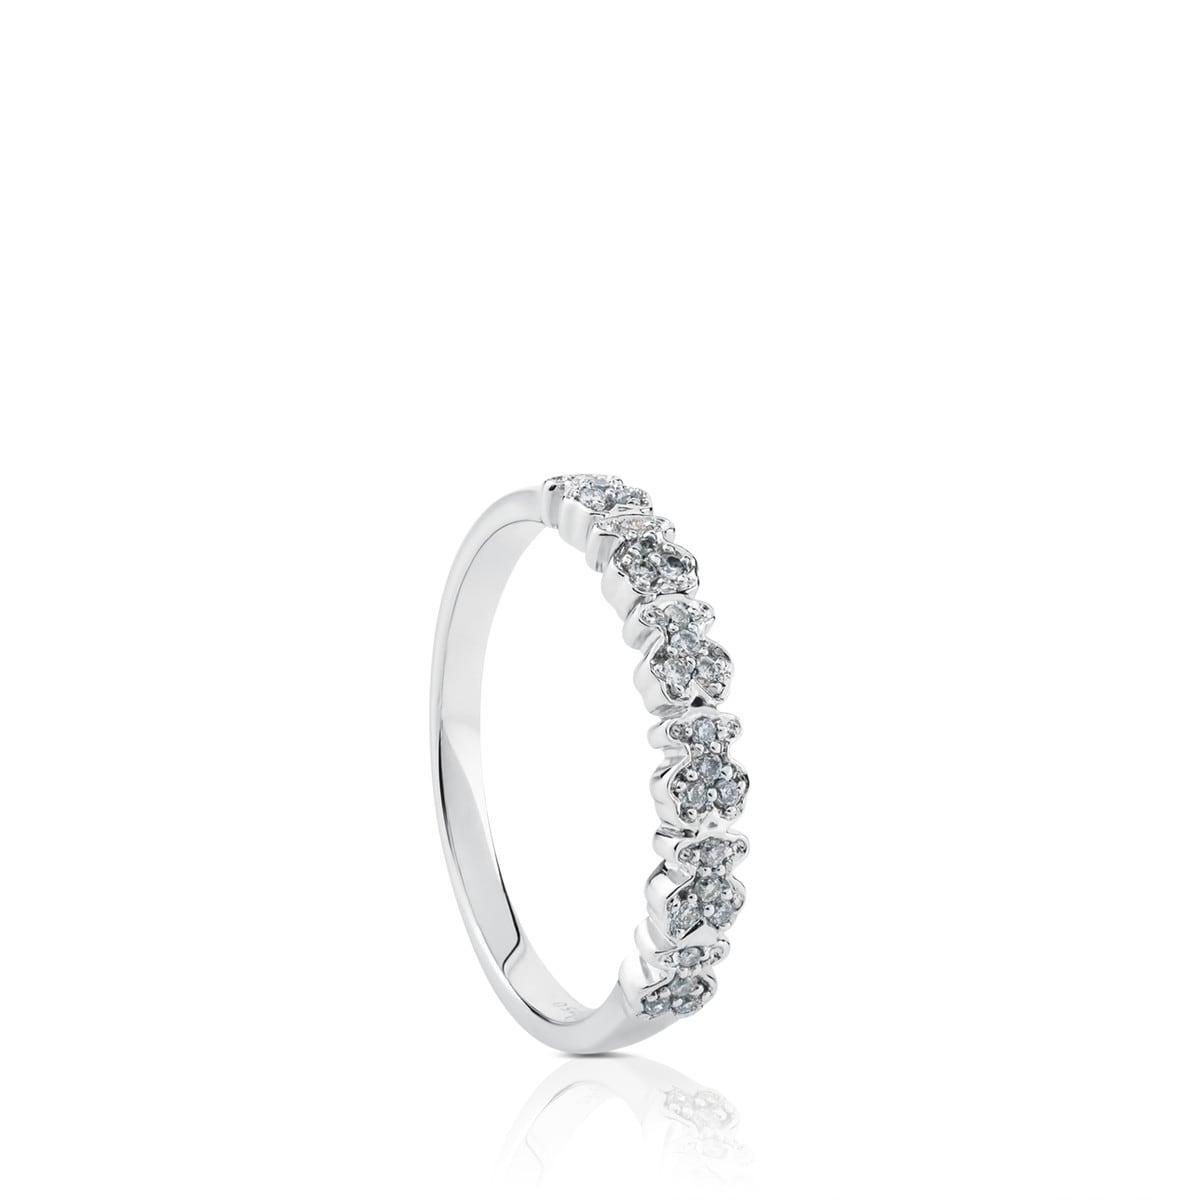 742d9c8106cc Anillo Fancy de Oro blanco con Diamantes - Sitio web Tous España